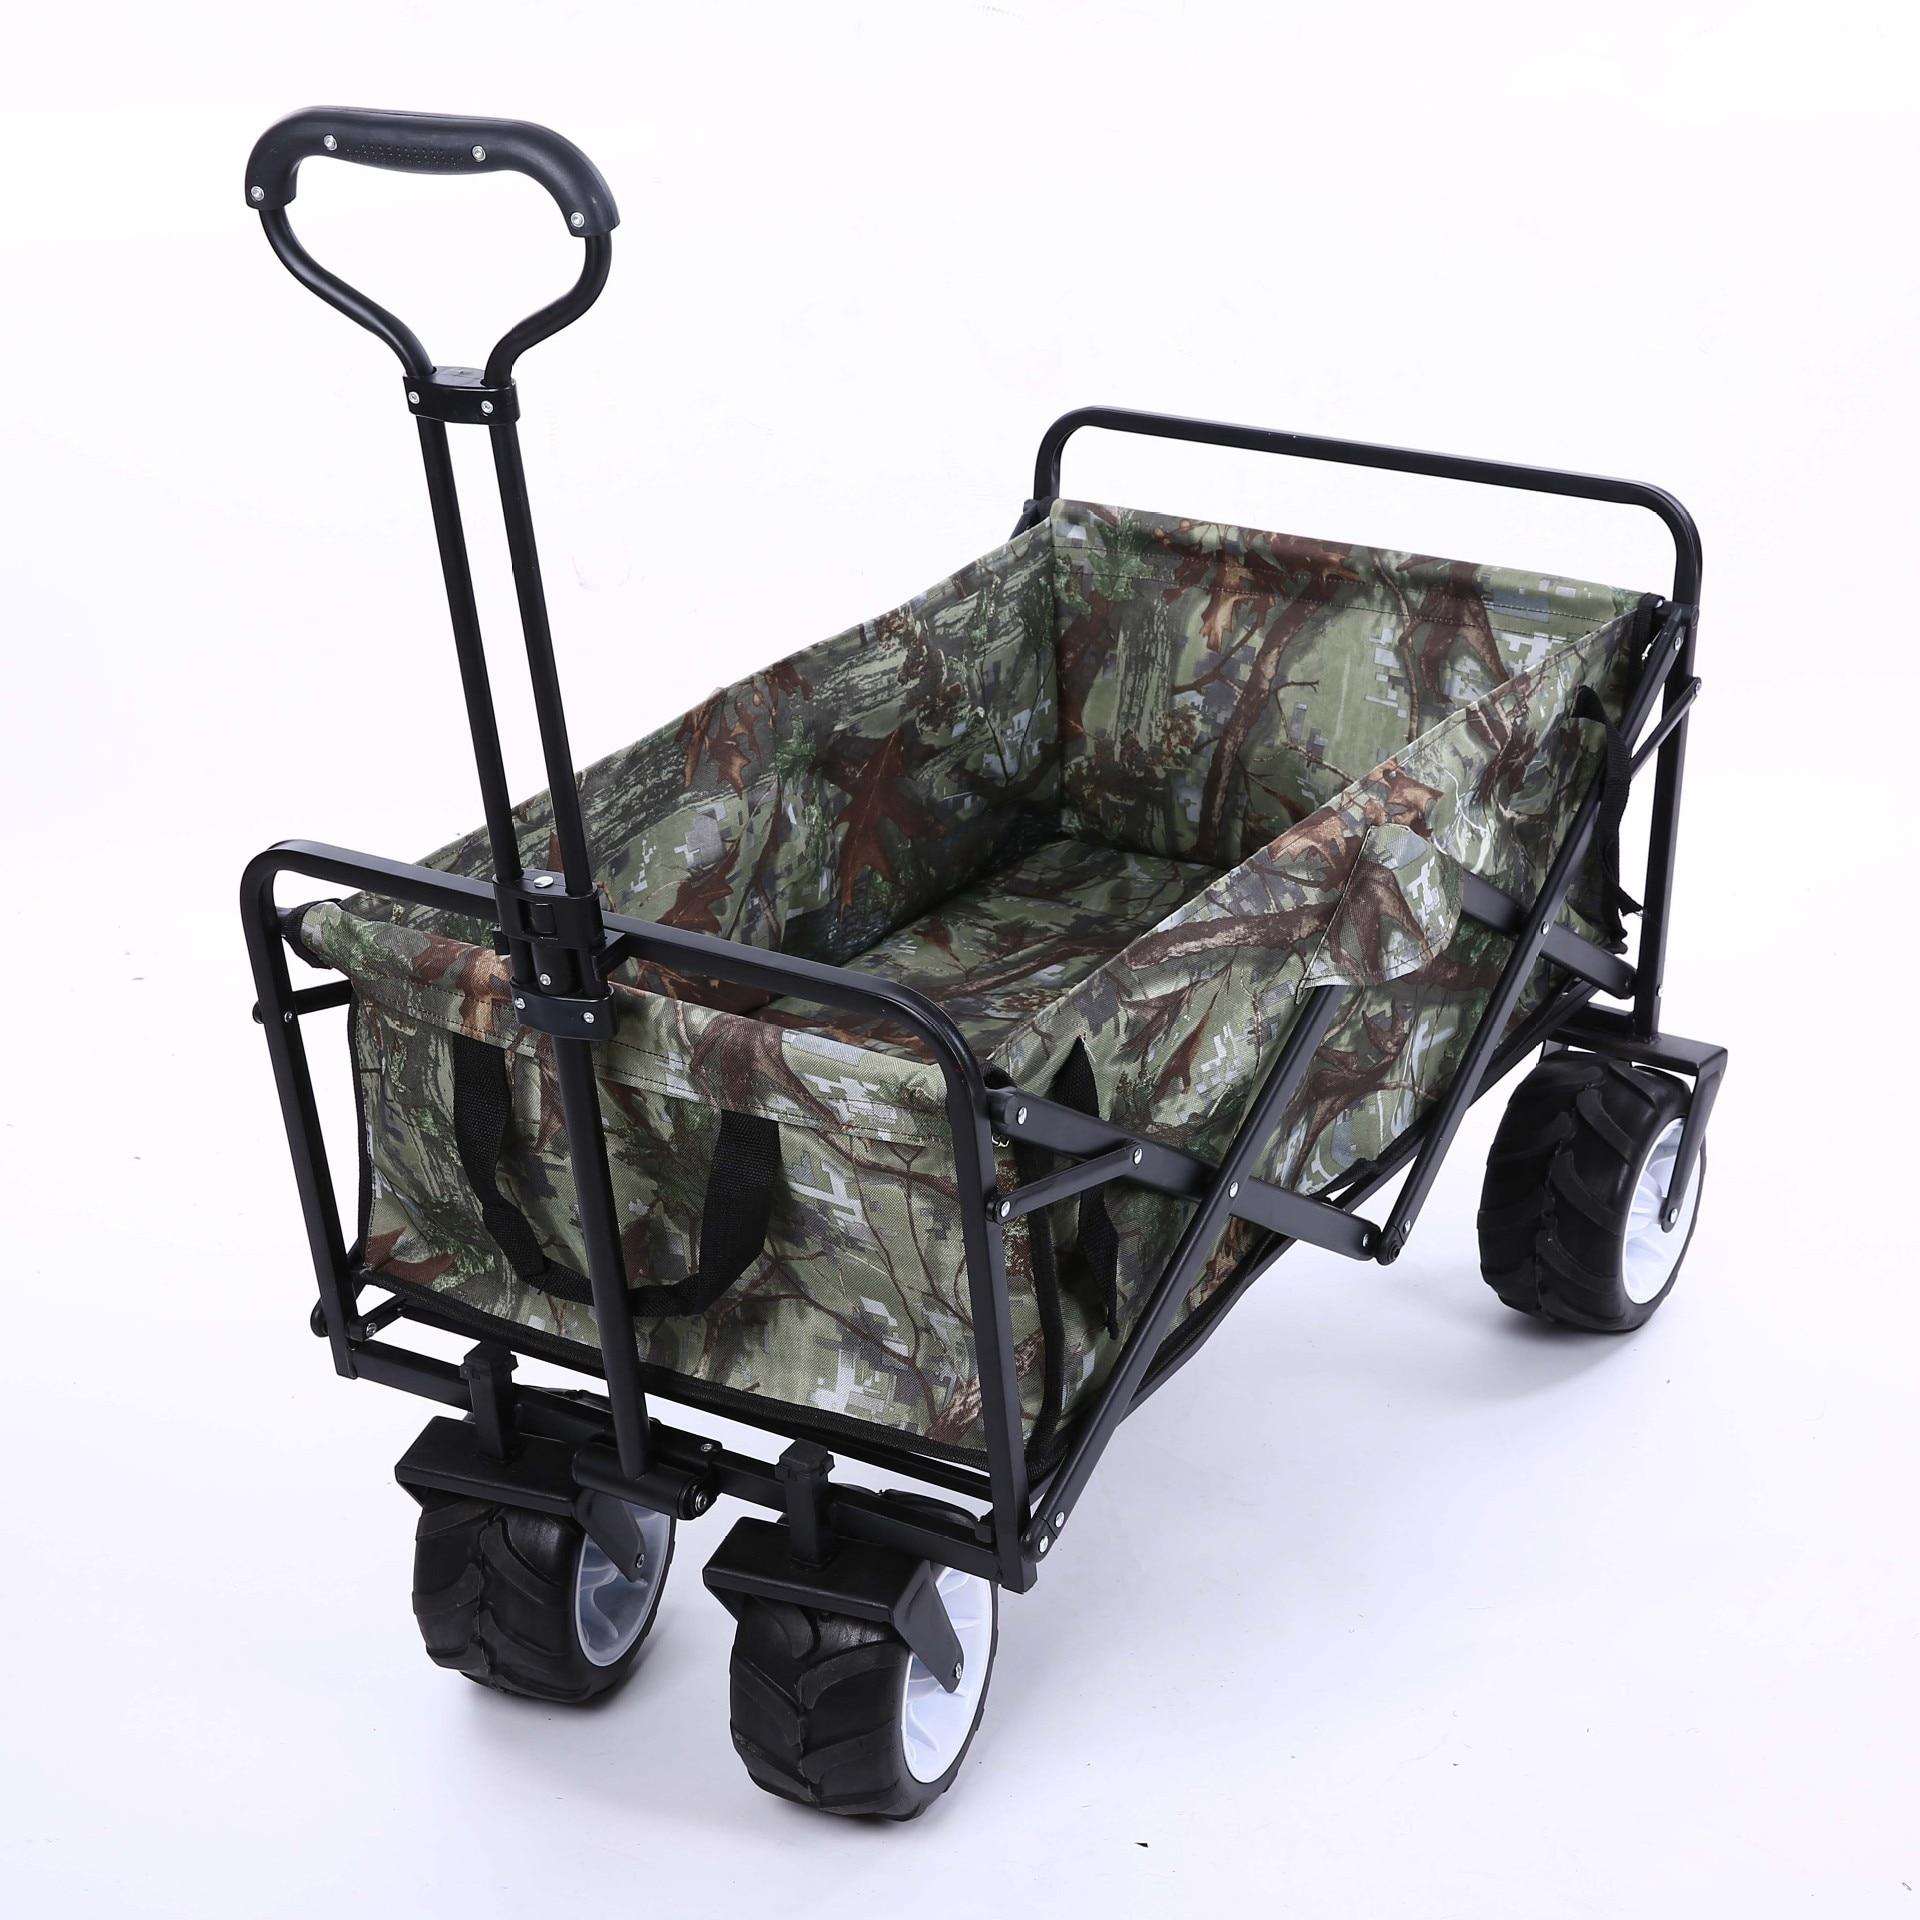 LK677 Acier Inoxydable Camouflage Pet Poussette Pliable et Portable Panier à Quatre roues Chariot pour Camping En Plein Air De Pêche